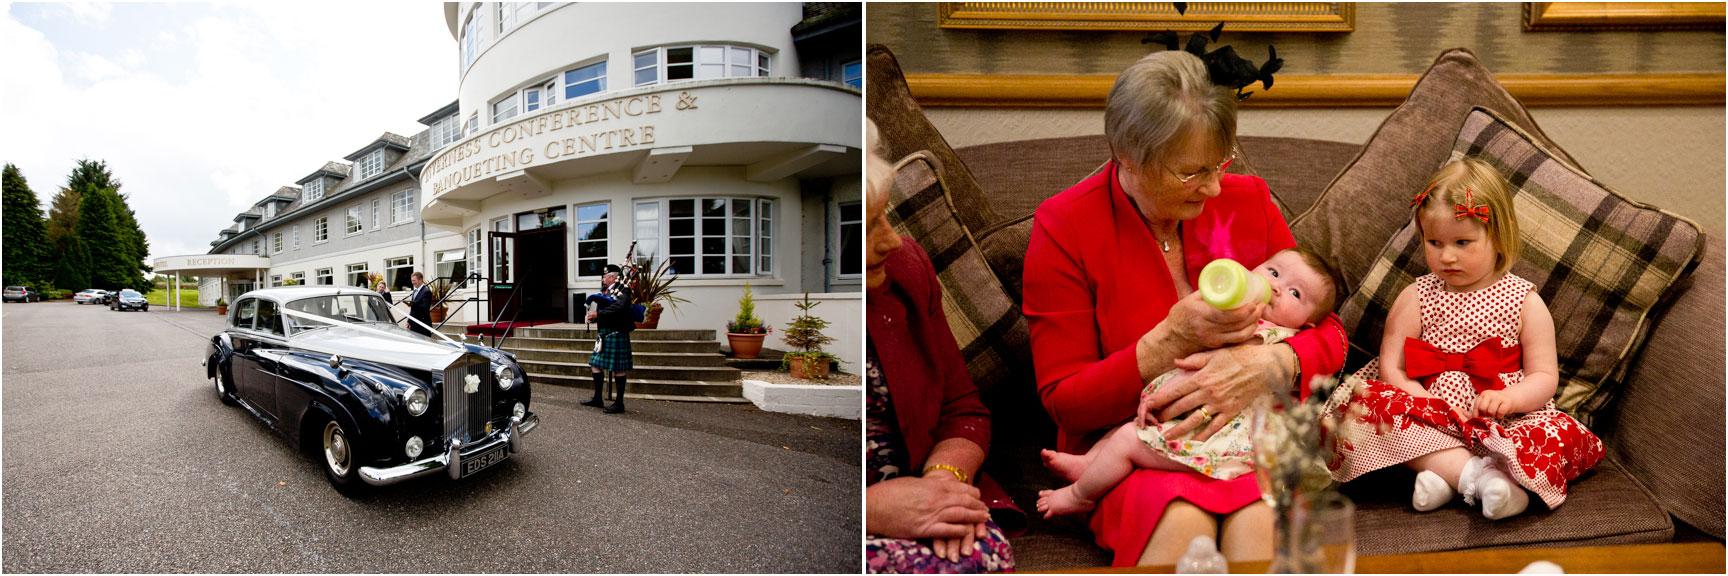 drumossie-hotel-wedding-candid-photos